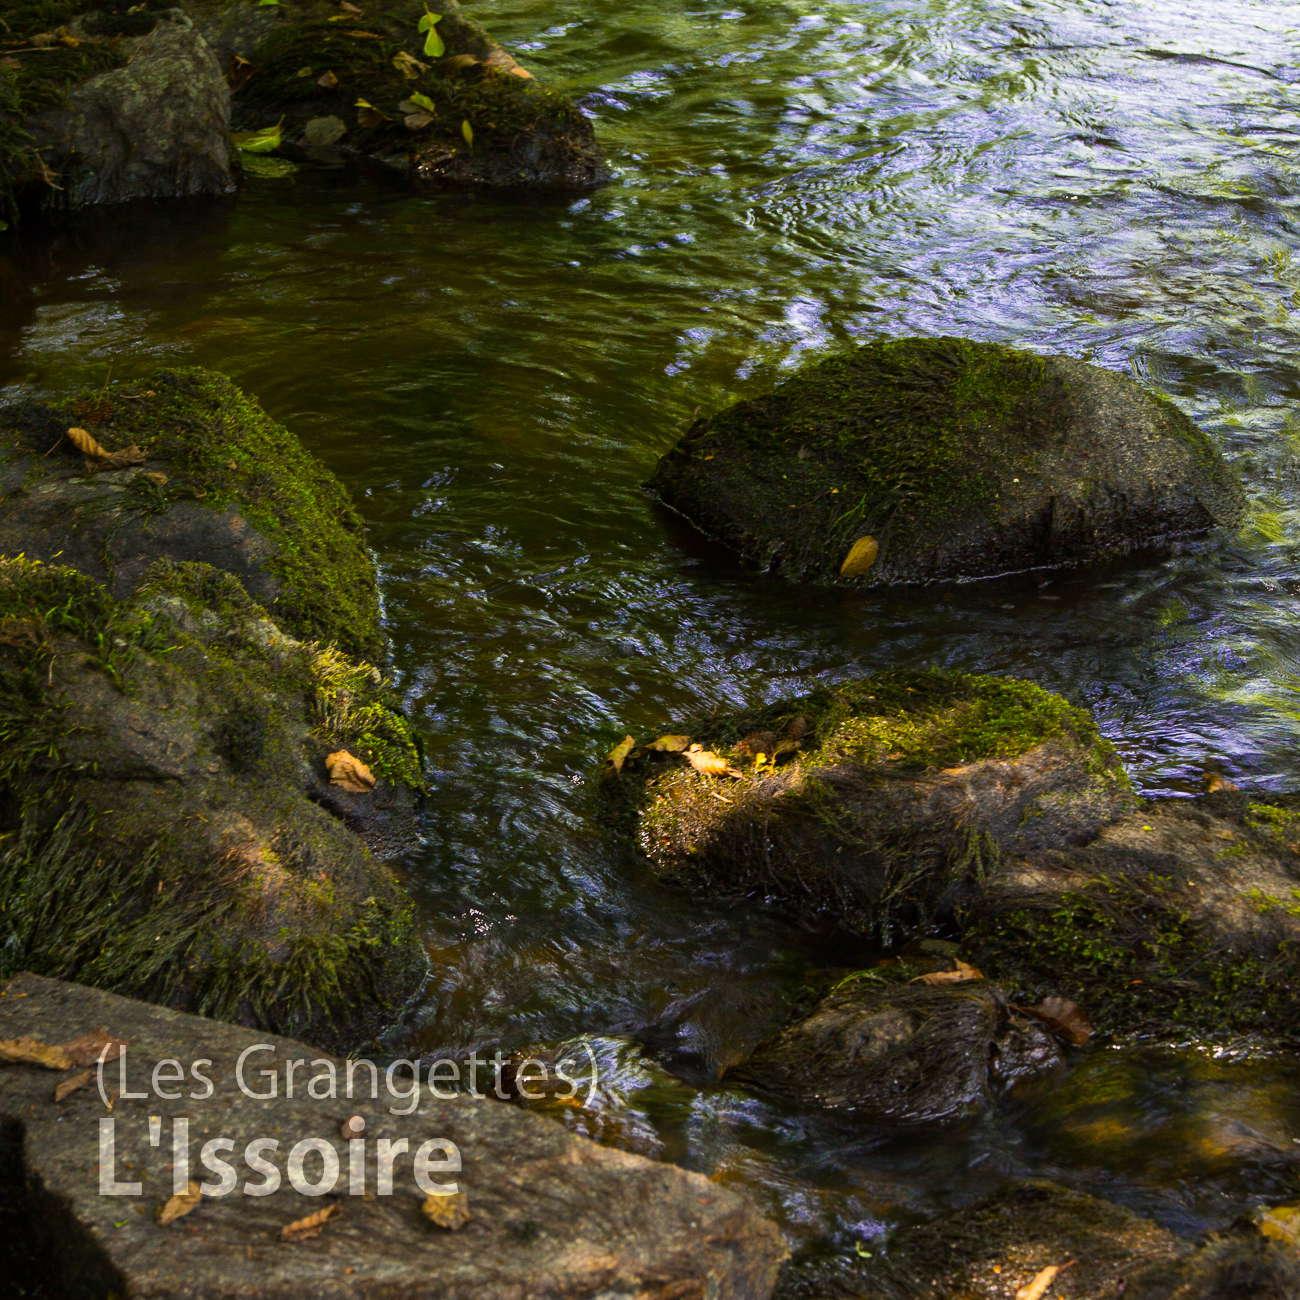 Cover L' Issoire (les grangettes)